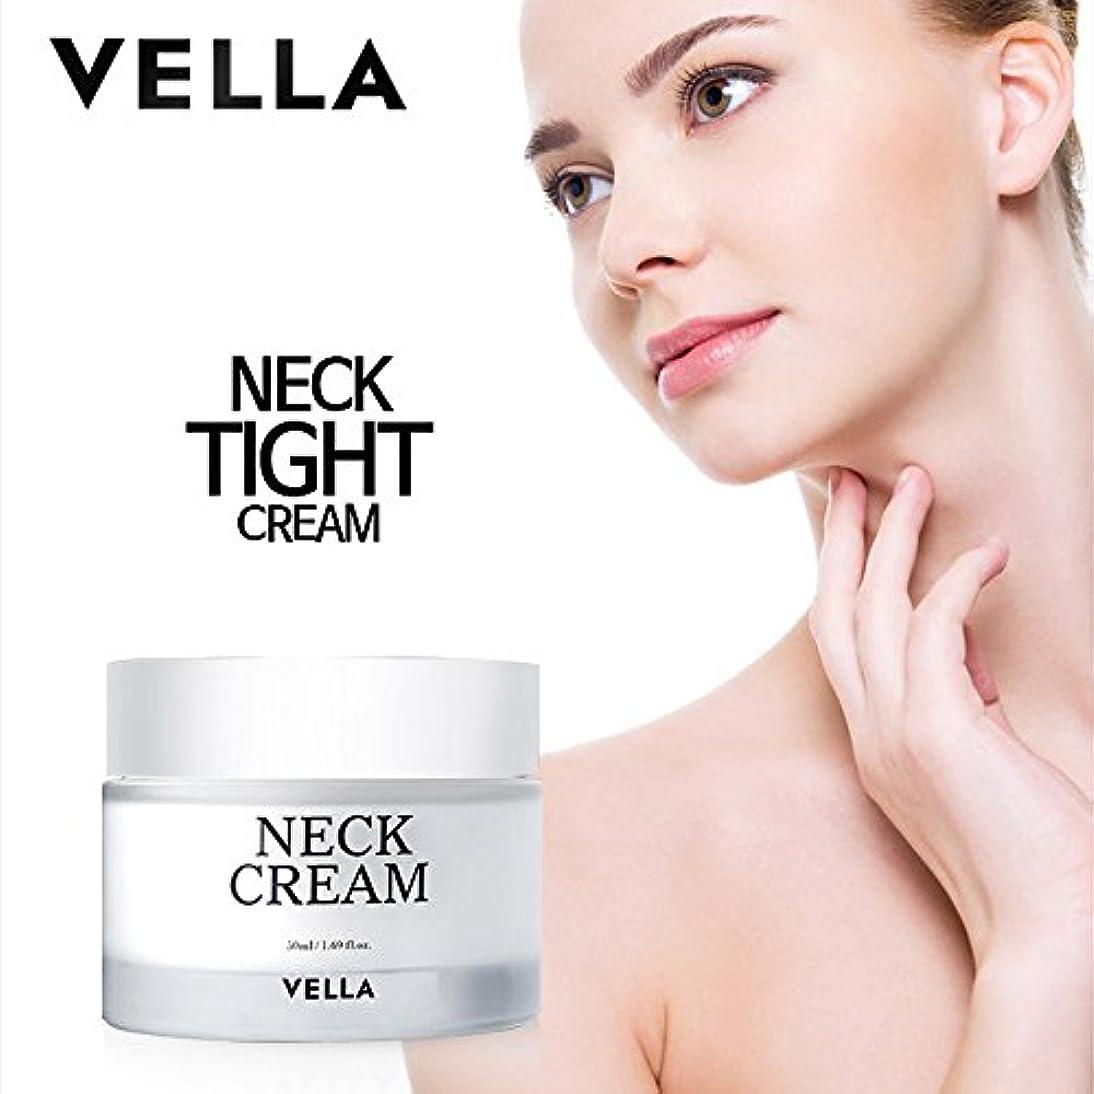 反動終了するいわゆるVELLA Anti Wrinkle & Whitening Strong Neck Cream(体がキレイvella首専用のクリーム) 50ml [並行輸入品]